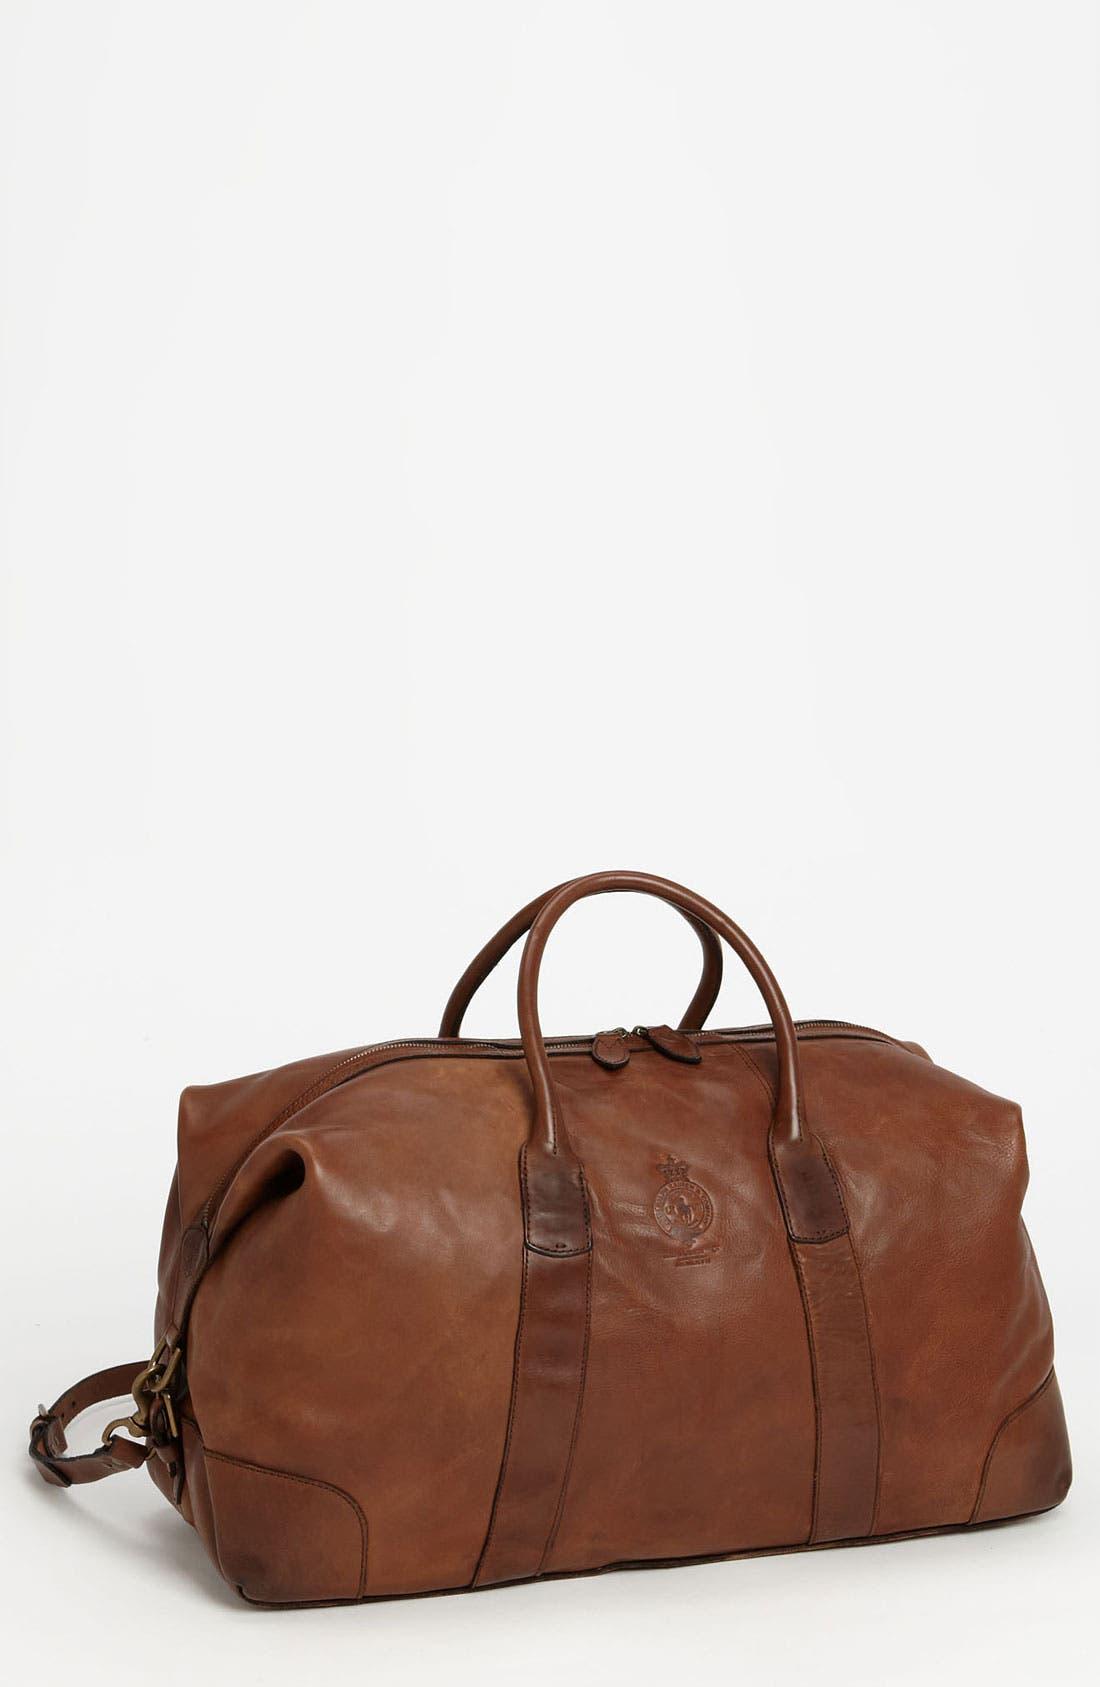 Alternate Image 1 Selected - Polo Ralph Lauren Duffel Bag